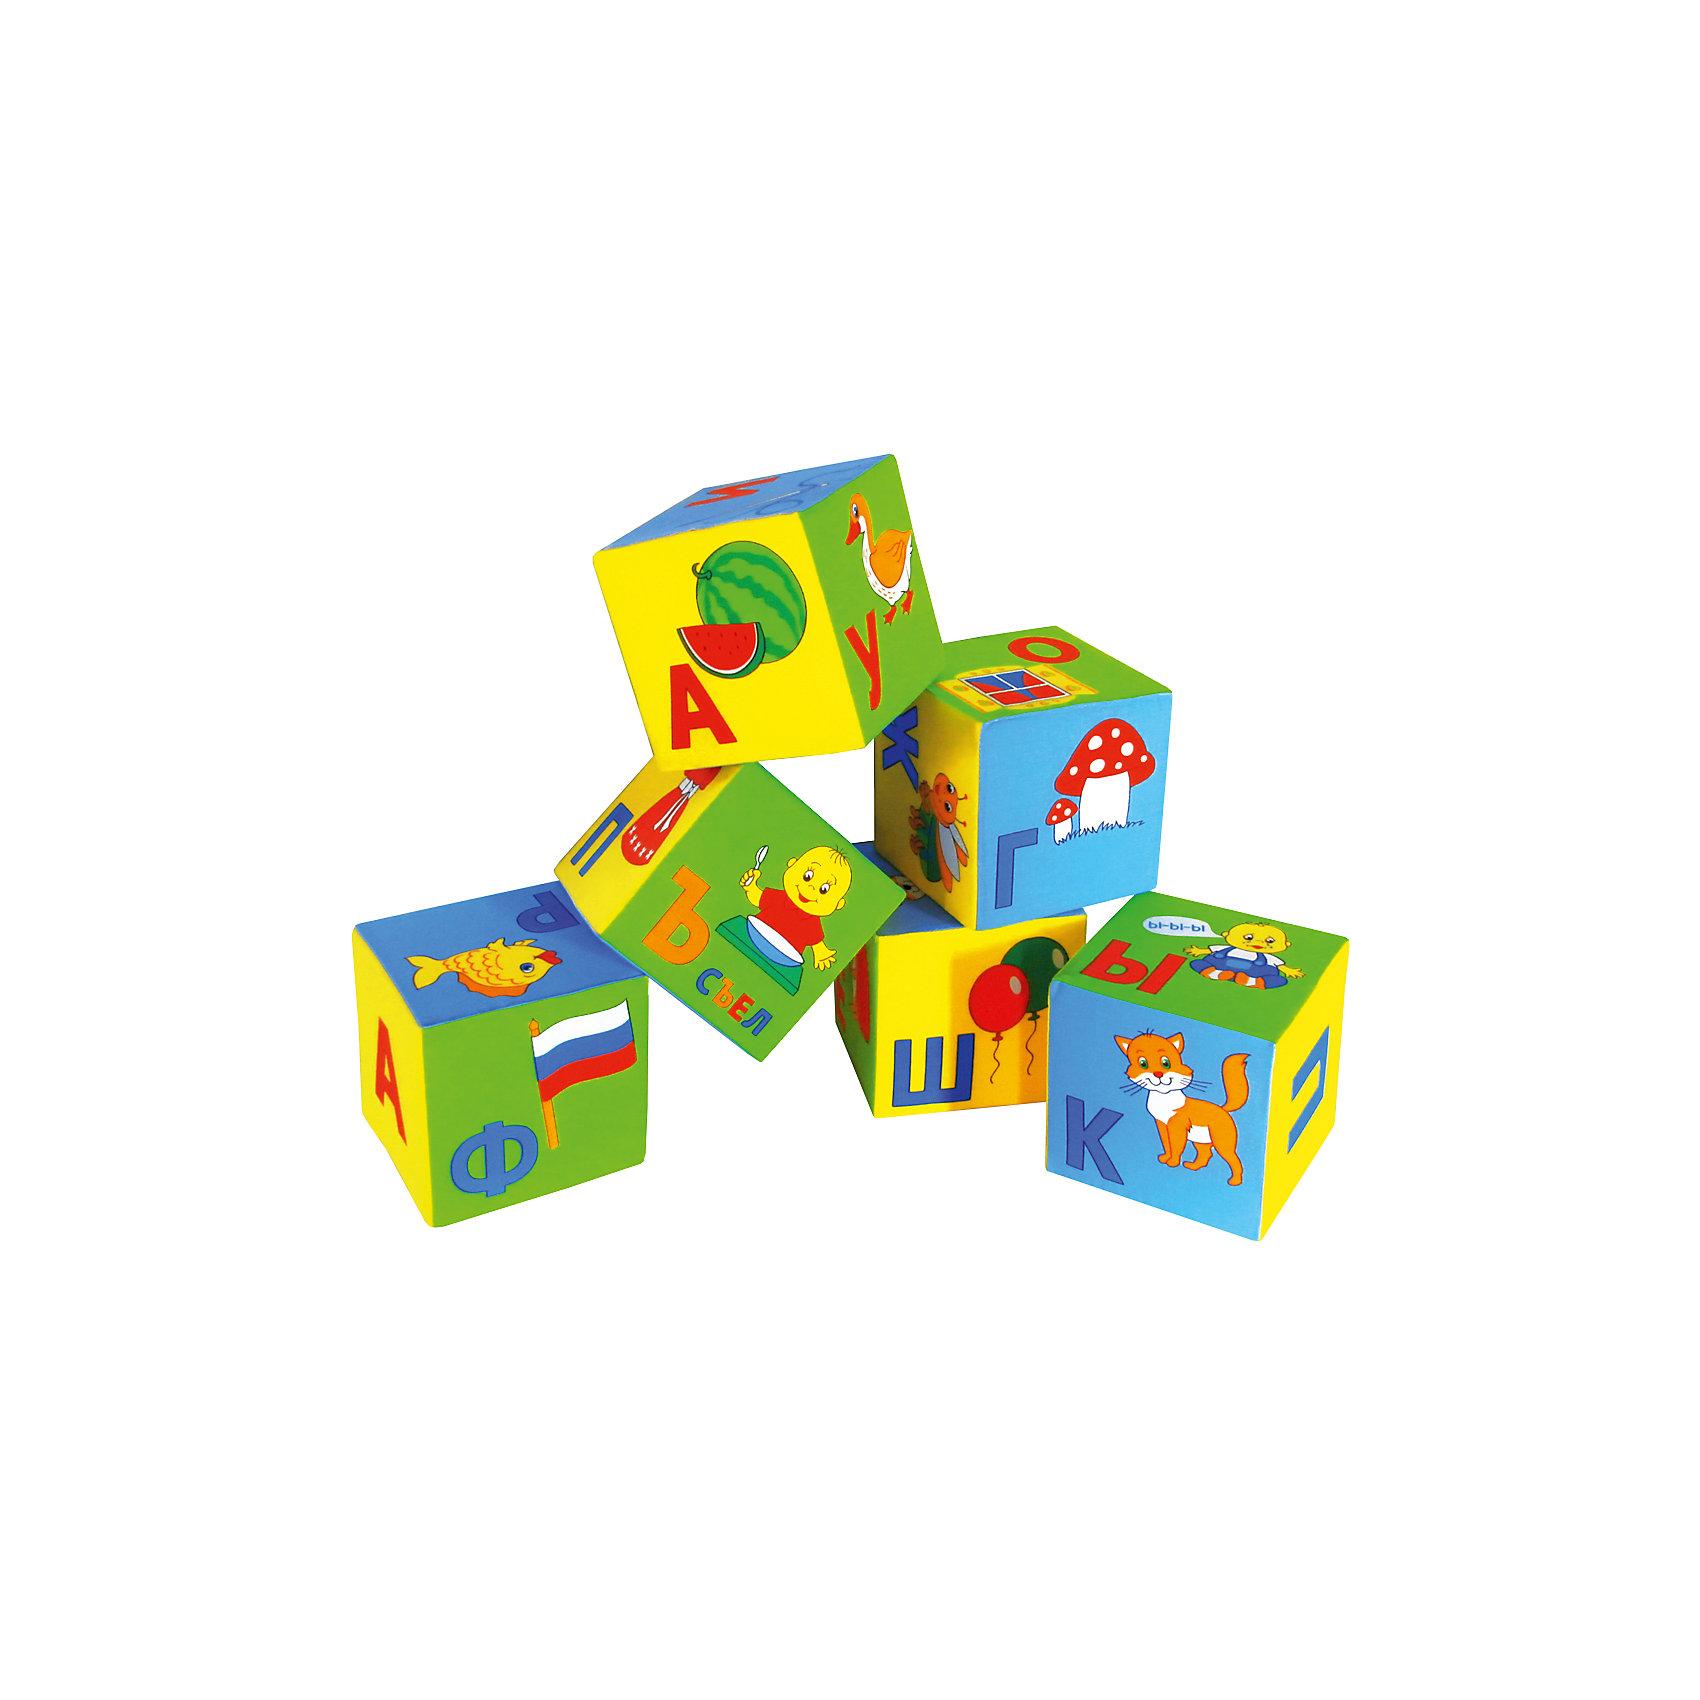 Кубики Умная Азбука, МякишиКубики<br>Кубики Умная Азбука, Мякиши - это универсальное учебное пособие, которое в веселой игровой форме познакомит Вашего ребенка с буквами алфавита, научит складывать слоги и слова. В комплект входят шесть красочных кубиков, на гранях которых изображены буквы и яркие картинки к ним (всего 33 буквы). Специально разработанный крупный шрифт, цветовое разделение букв на гласные и согласные и лёгкие понятные иллюстрации помогут малышу сделать первые успехи в освоении алфавита. В пособии использованы только реальные и современные слова и образы. Из кубиков можно сложить более 50 слов, входящих в лексикон детей раннего возраста и свыше 100 слов, входящие в лексикон взрослого. Игрушка изготовлена из мягких, приятных на ощупь гипоаллергенных материалов. Способствует развитию сенсорных способностей, мелкой моторики и координации обеих рук. <br><br>Дополнительная информация:<br><br>- Комплект: 6 кубиков.<br>- Материал:100% х/б ткань, поролон.<br>- Размер одного кубика: 15 х 15 х 15 см.<br>- Размер упаковки: 45 х 15 х 30 см.<br>- Вес: 150 гр.<br><br>Кубики Умная Азбука, Мякиши, можно купить в нашем интернет-магазине.<br><br>Ширина мм: 450<br>Глубина мм: 150<br>Высота мм: 300<br>Вес г: 150<br>Возраст от месяцев: 12<br>Возраст до месяцев: 36<br>Пол: Унисекс<br>Возраст: Детский<br>SKU: 4424931